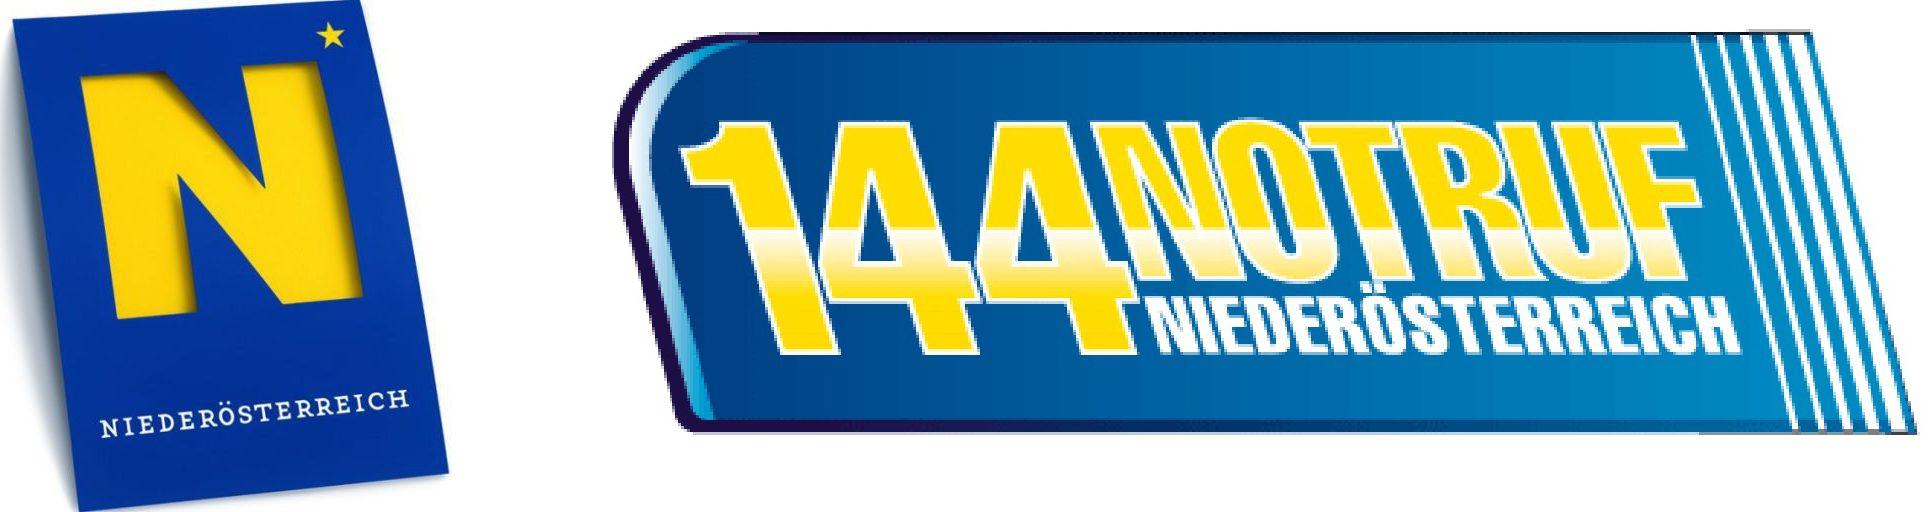 144 Notruf Niederösterreich